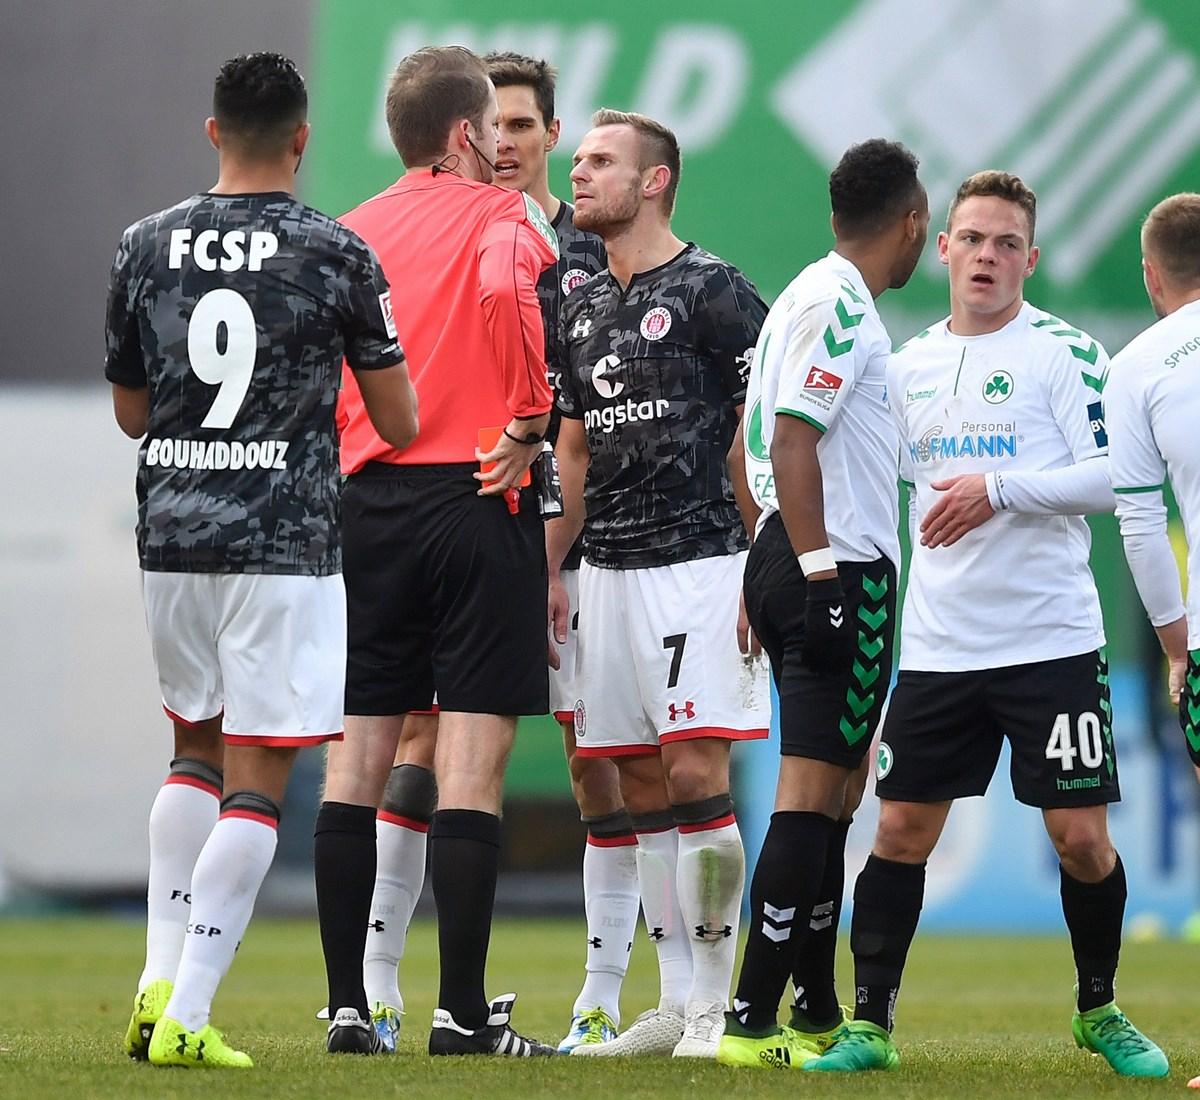 Die Vorentscheidung: Schiedsrichter Thomsen zeigt Bernd Nehrig die Gelb-Rote Karte.